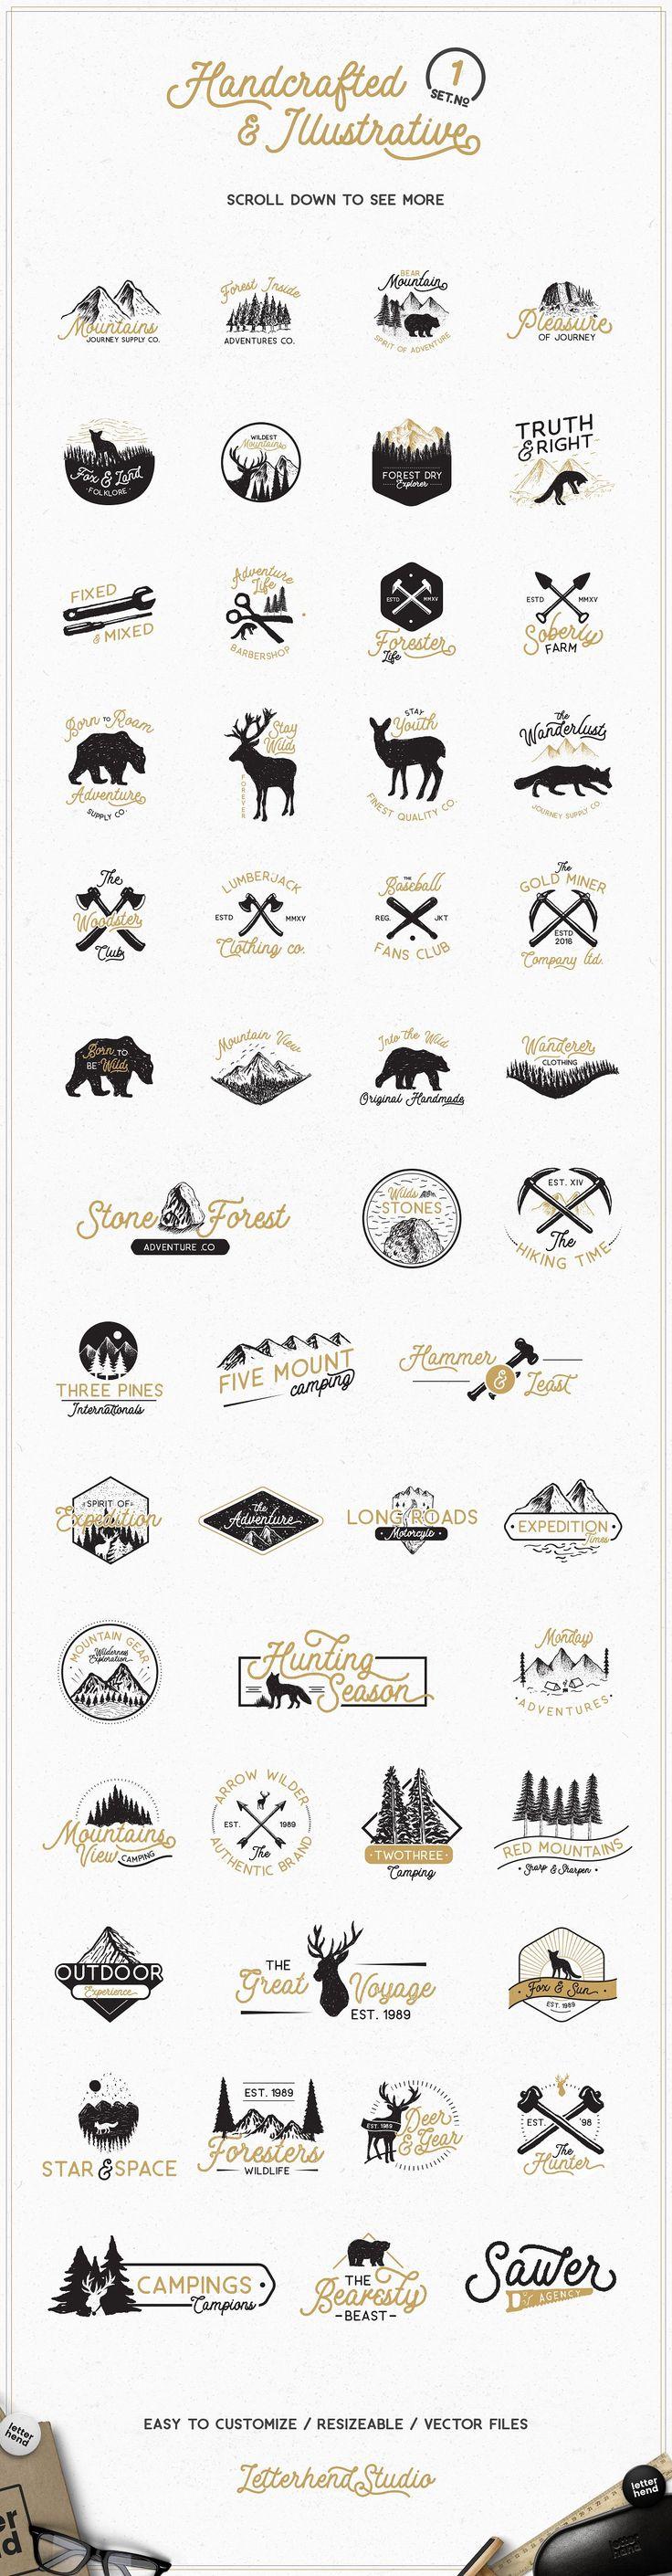 215 best ✏ Logo Design images on Pinterest | Graph design ...